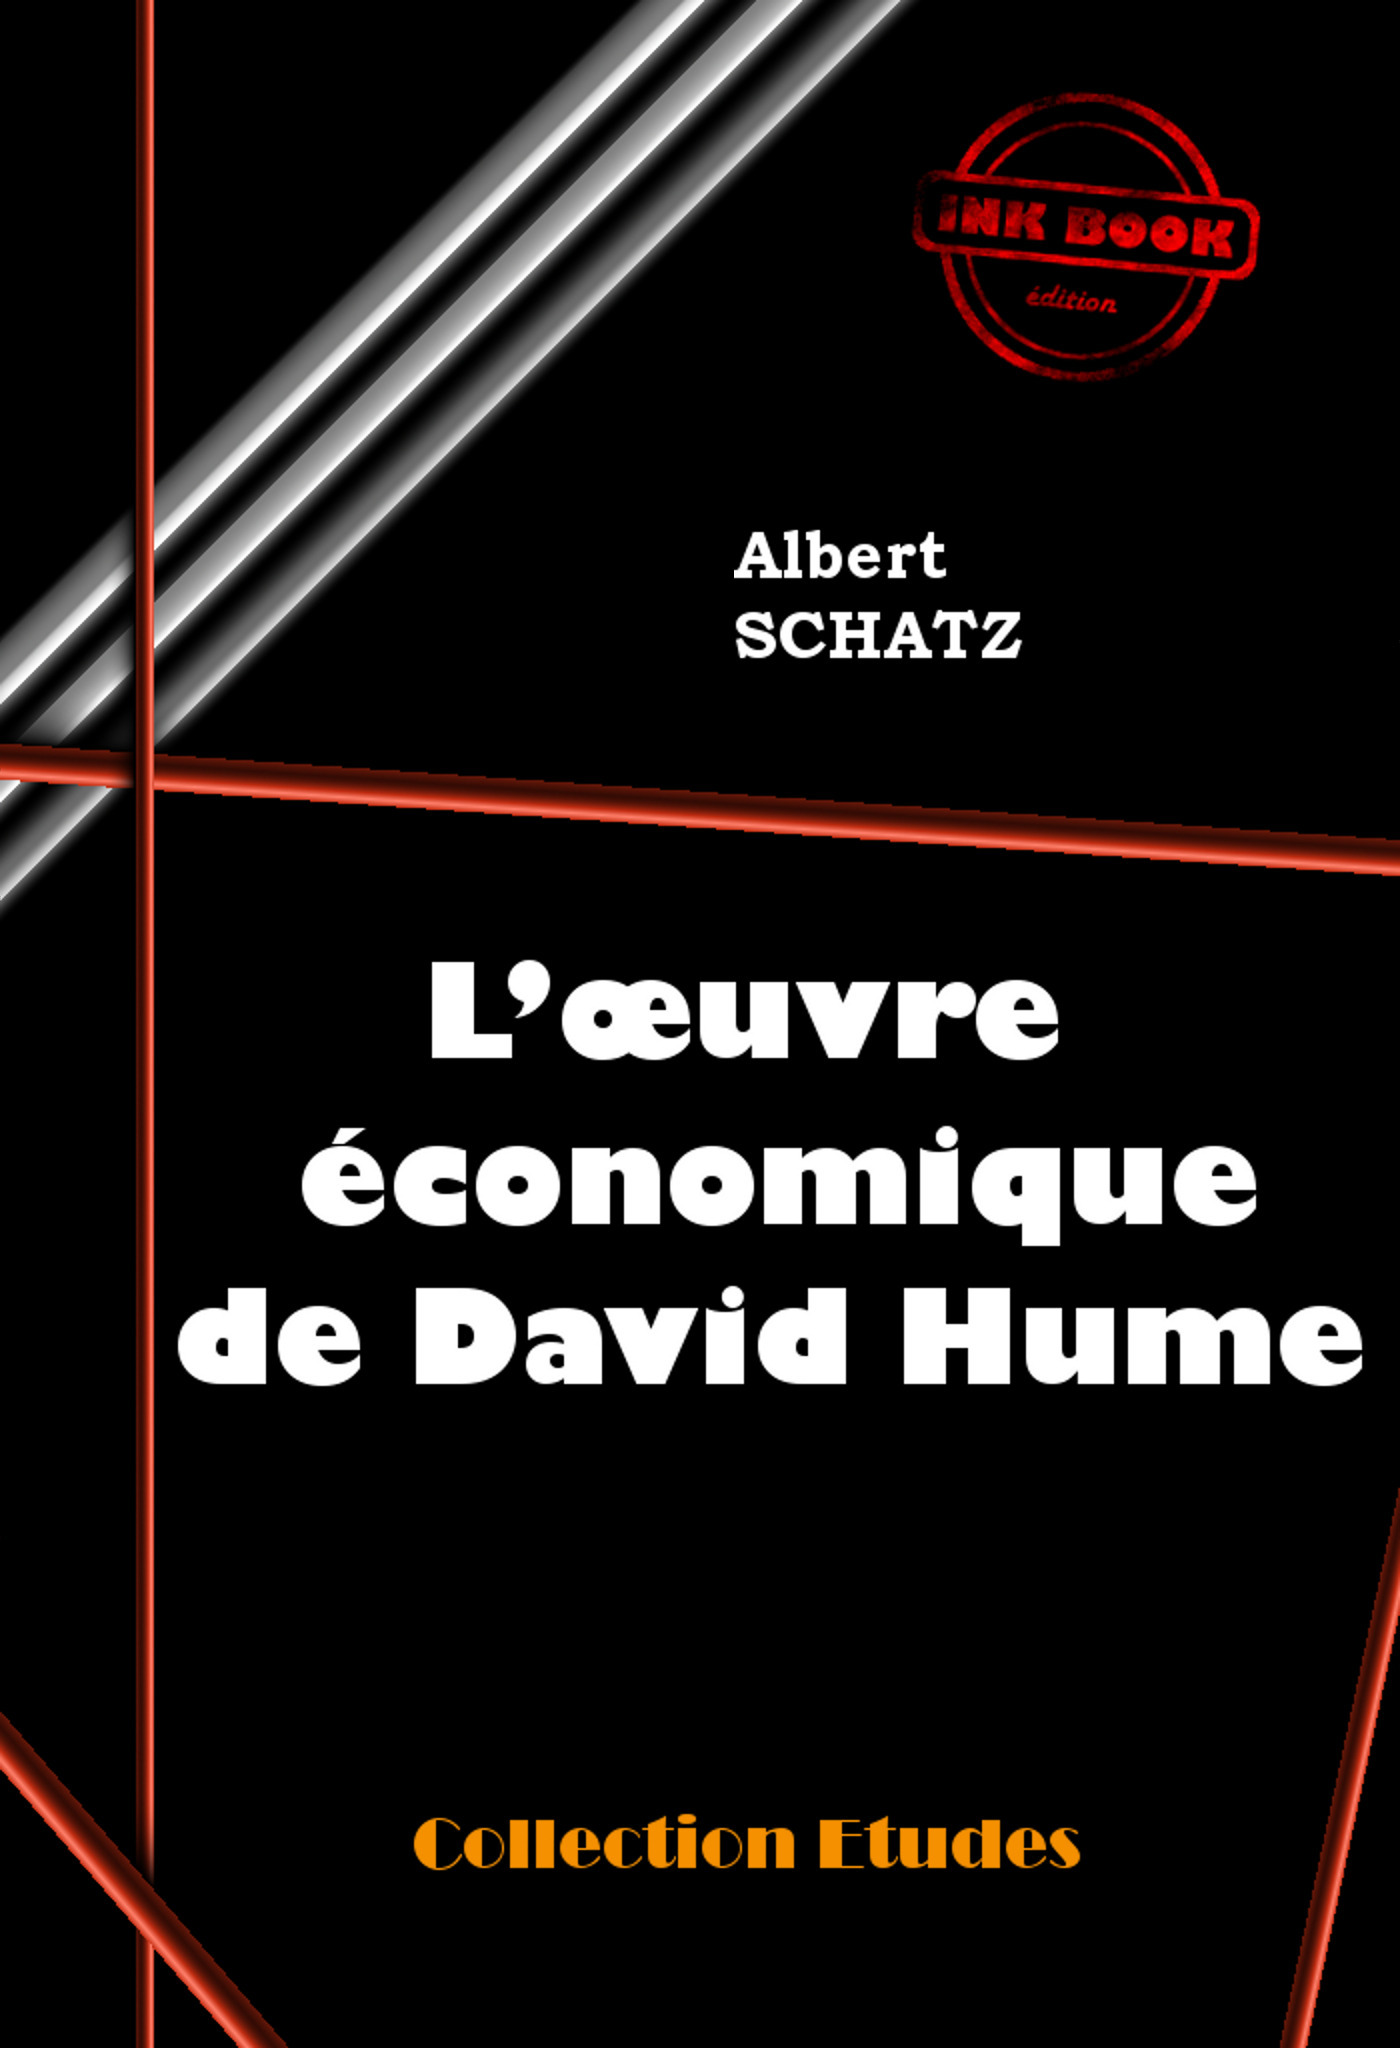 L'oeuvre économique de David Hume